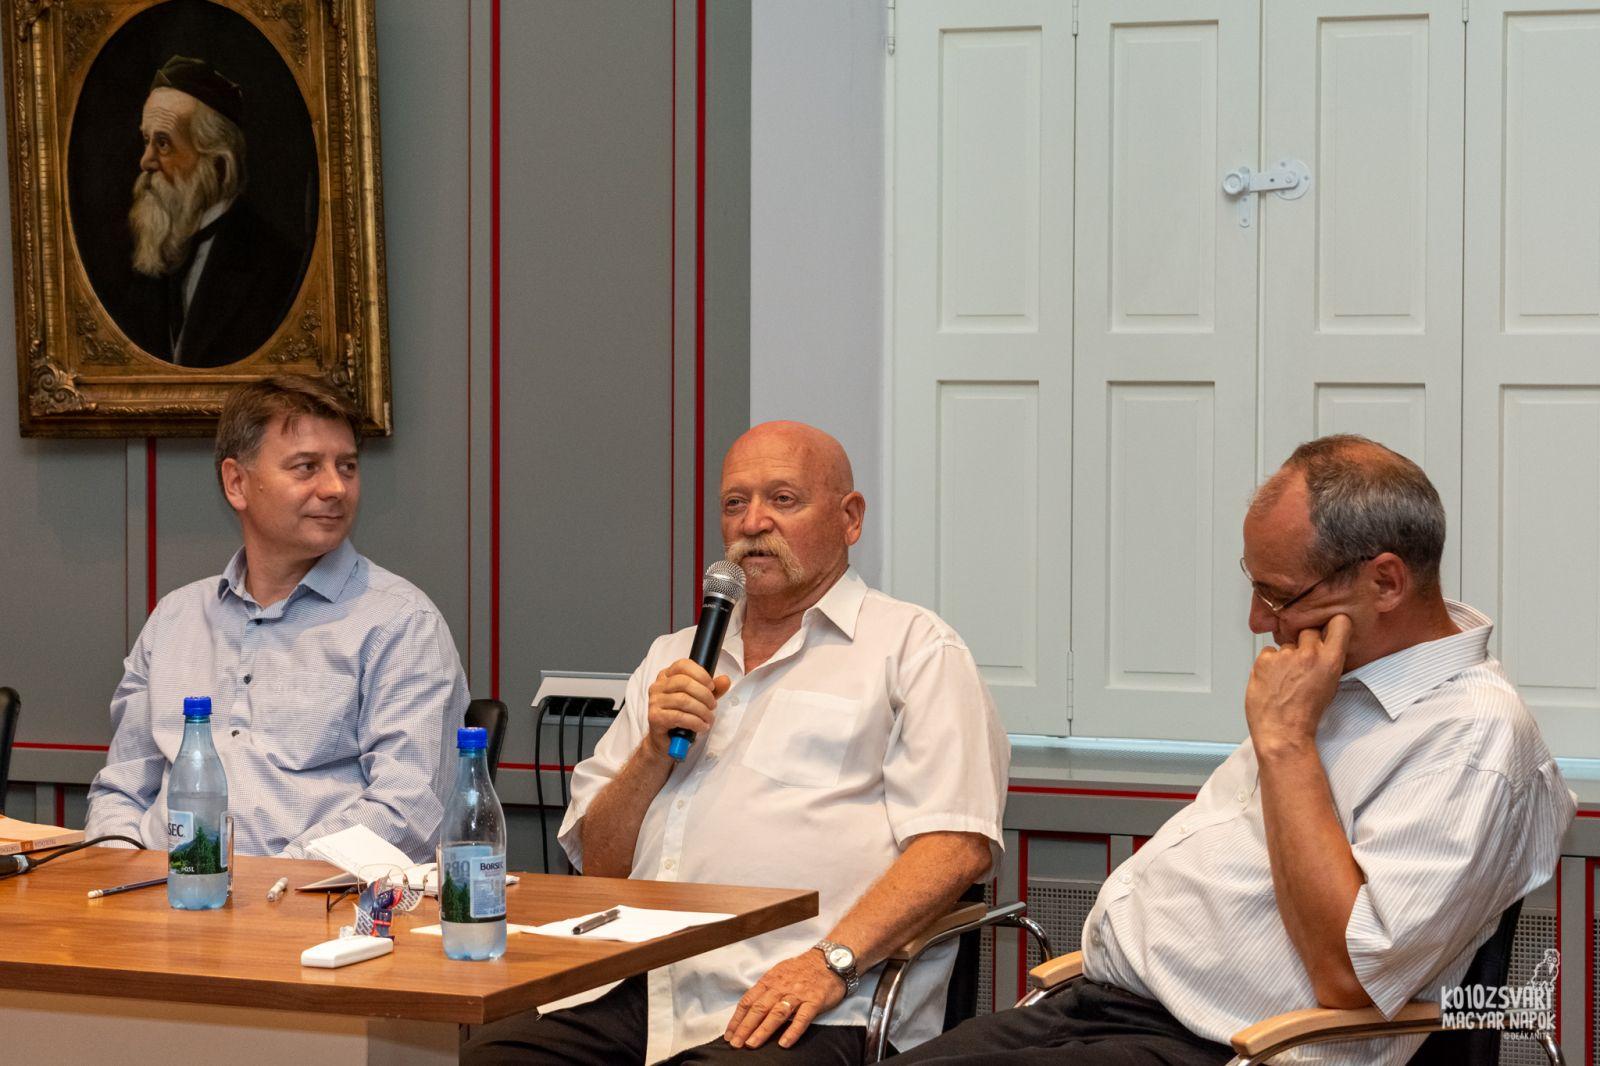 Nagy Mihály Zoltán, Molnár jános és Kovács István